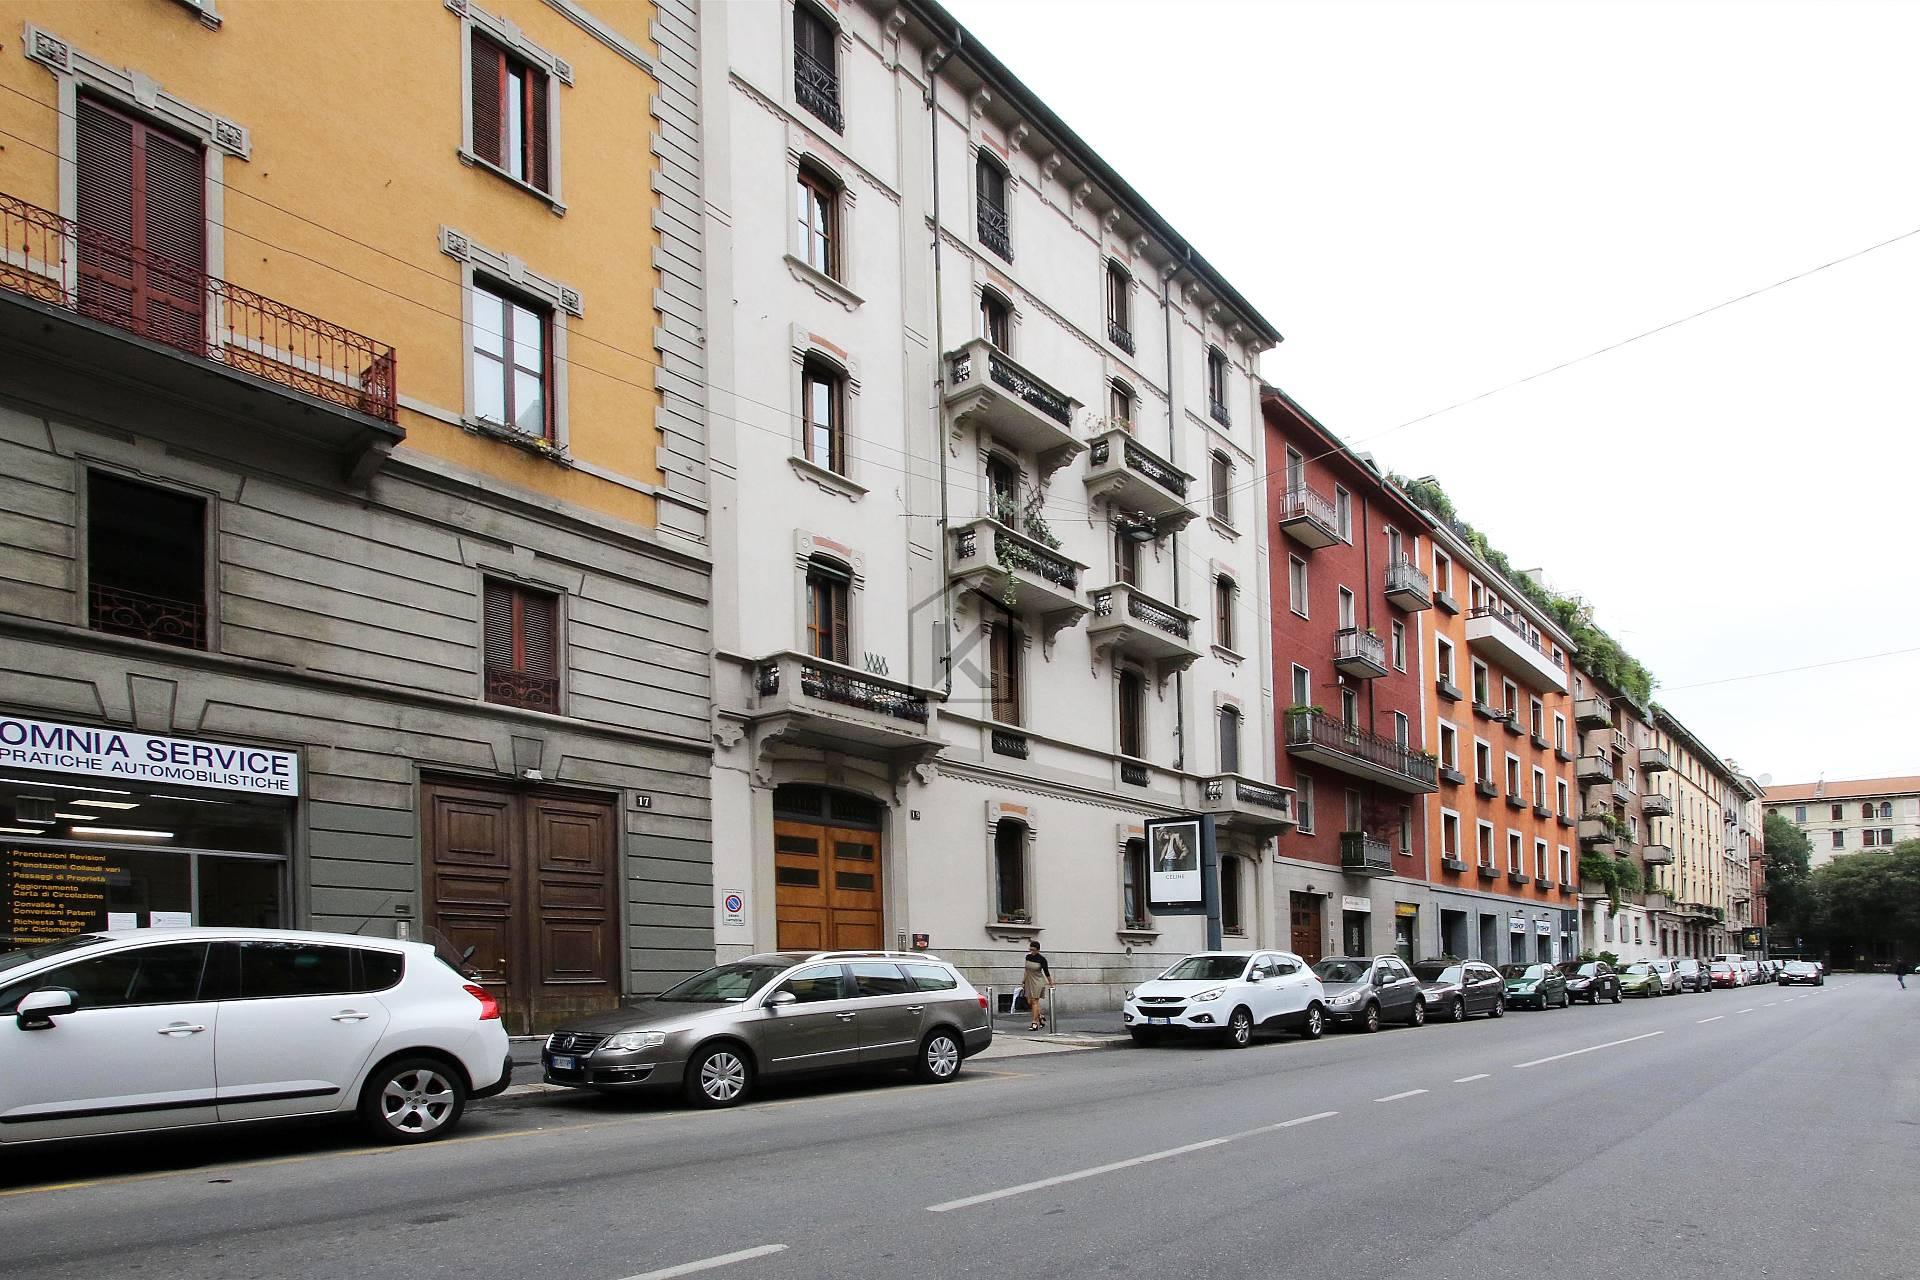 Appartamento in Vendita a Milano 19 Farini / Maciachini / Gattamelata / Sempione / Monumentale: 2 locali, 75 mq